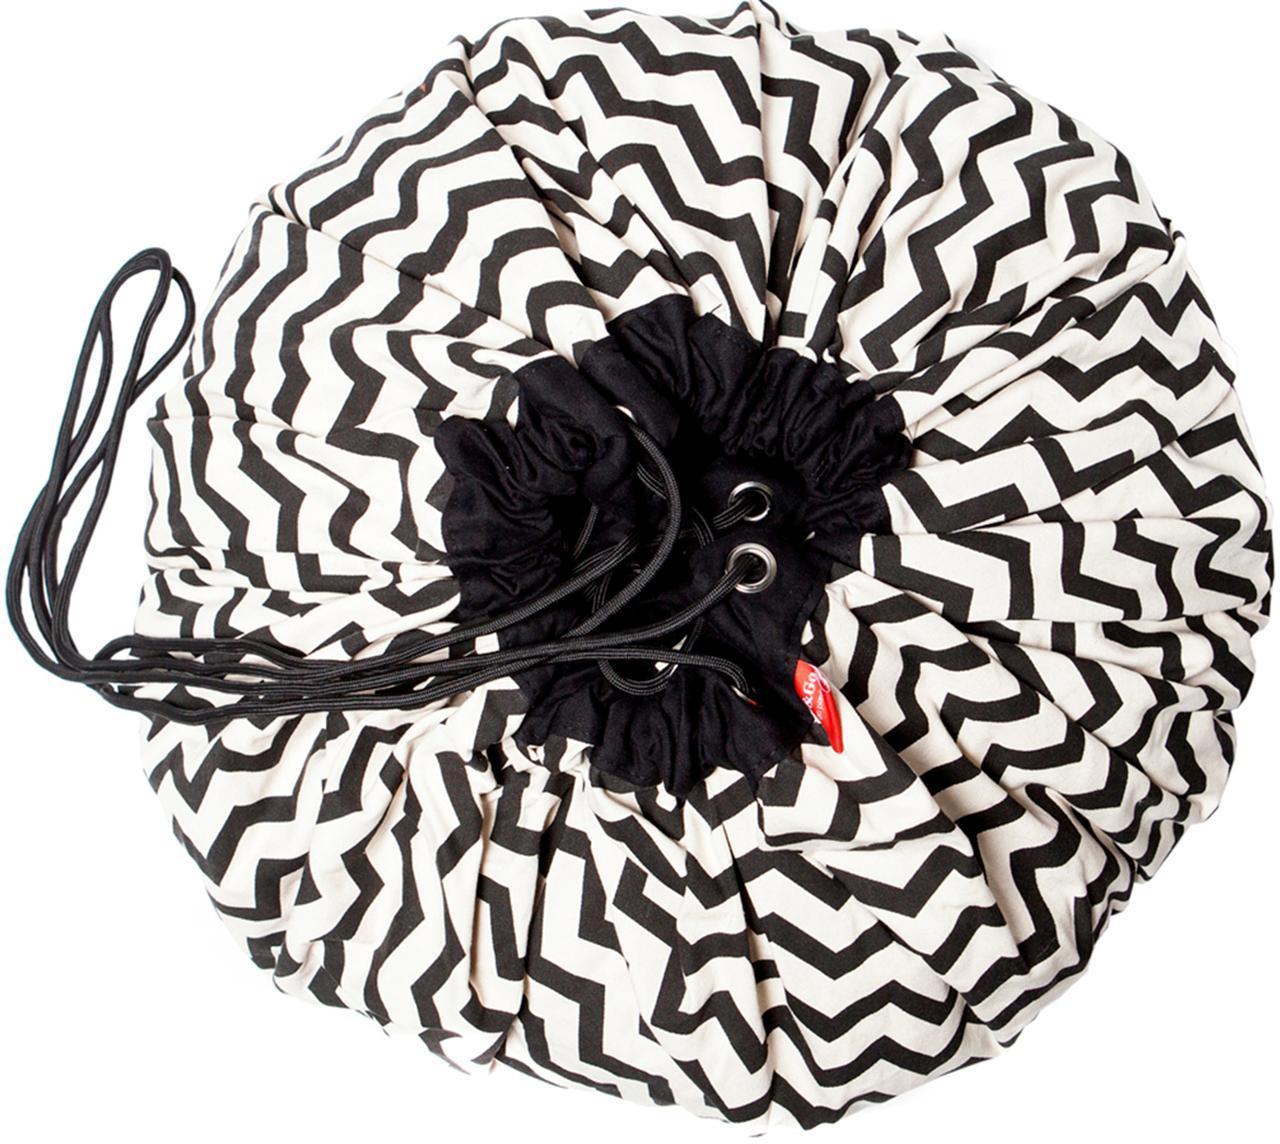 Spieldecke Zigzag, Polyester, Schwarz, Weiß, Ø 140 cm